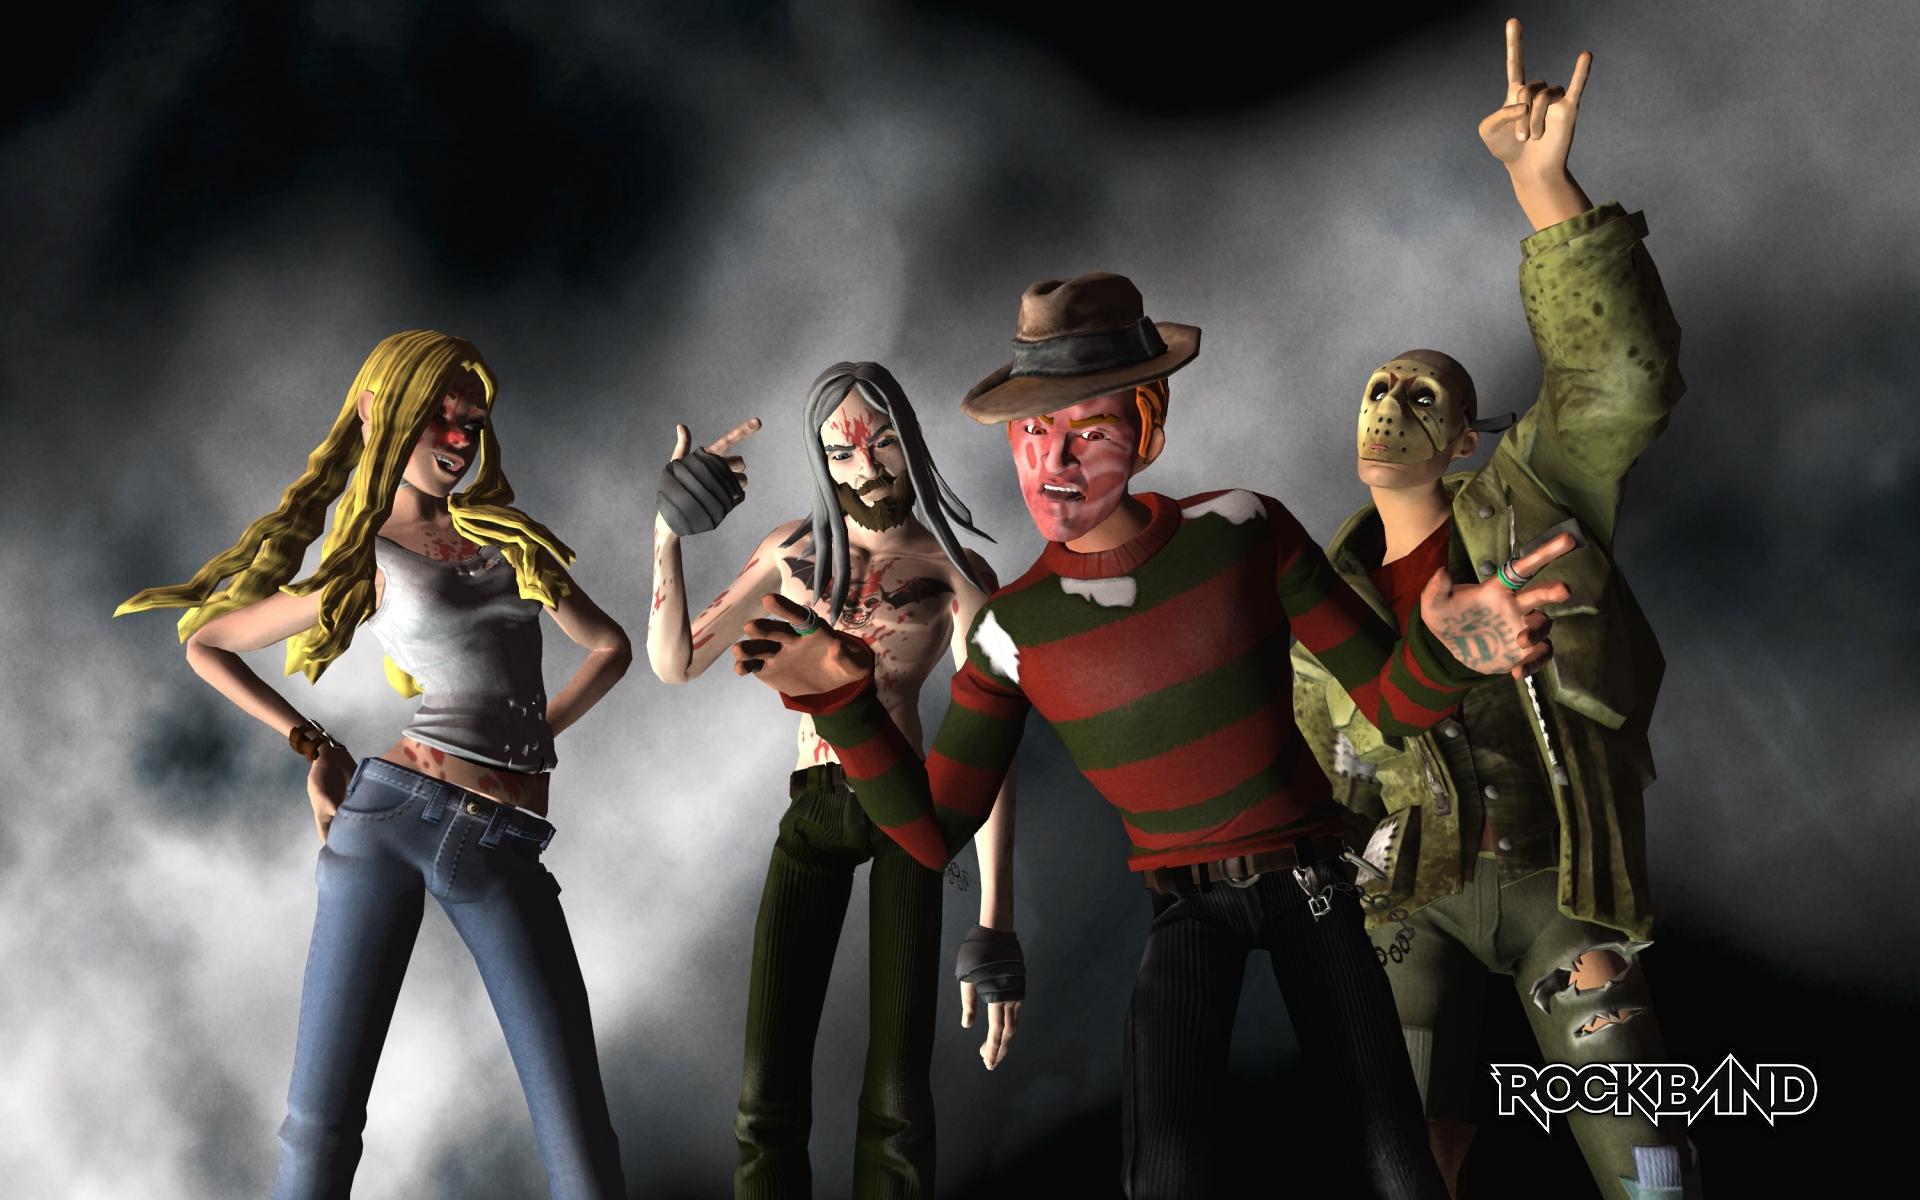 Horror Video Games Freddy Krueger